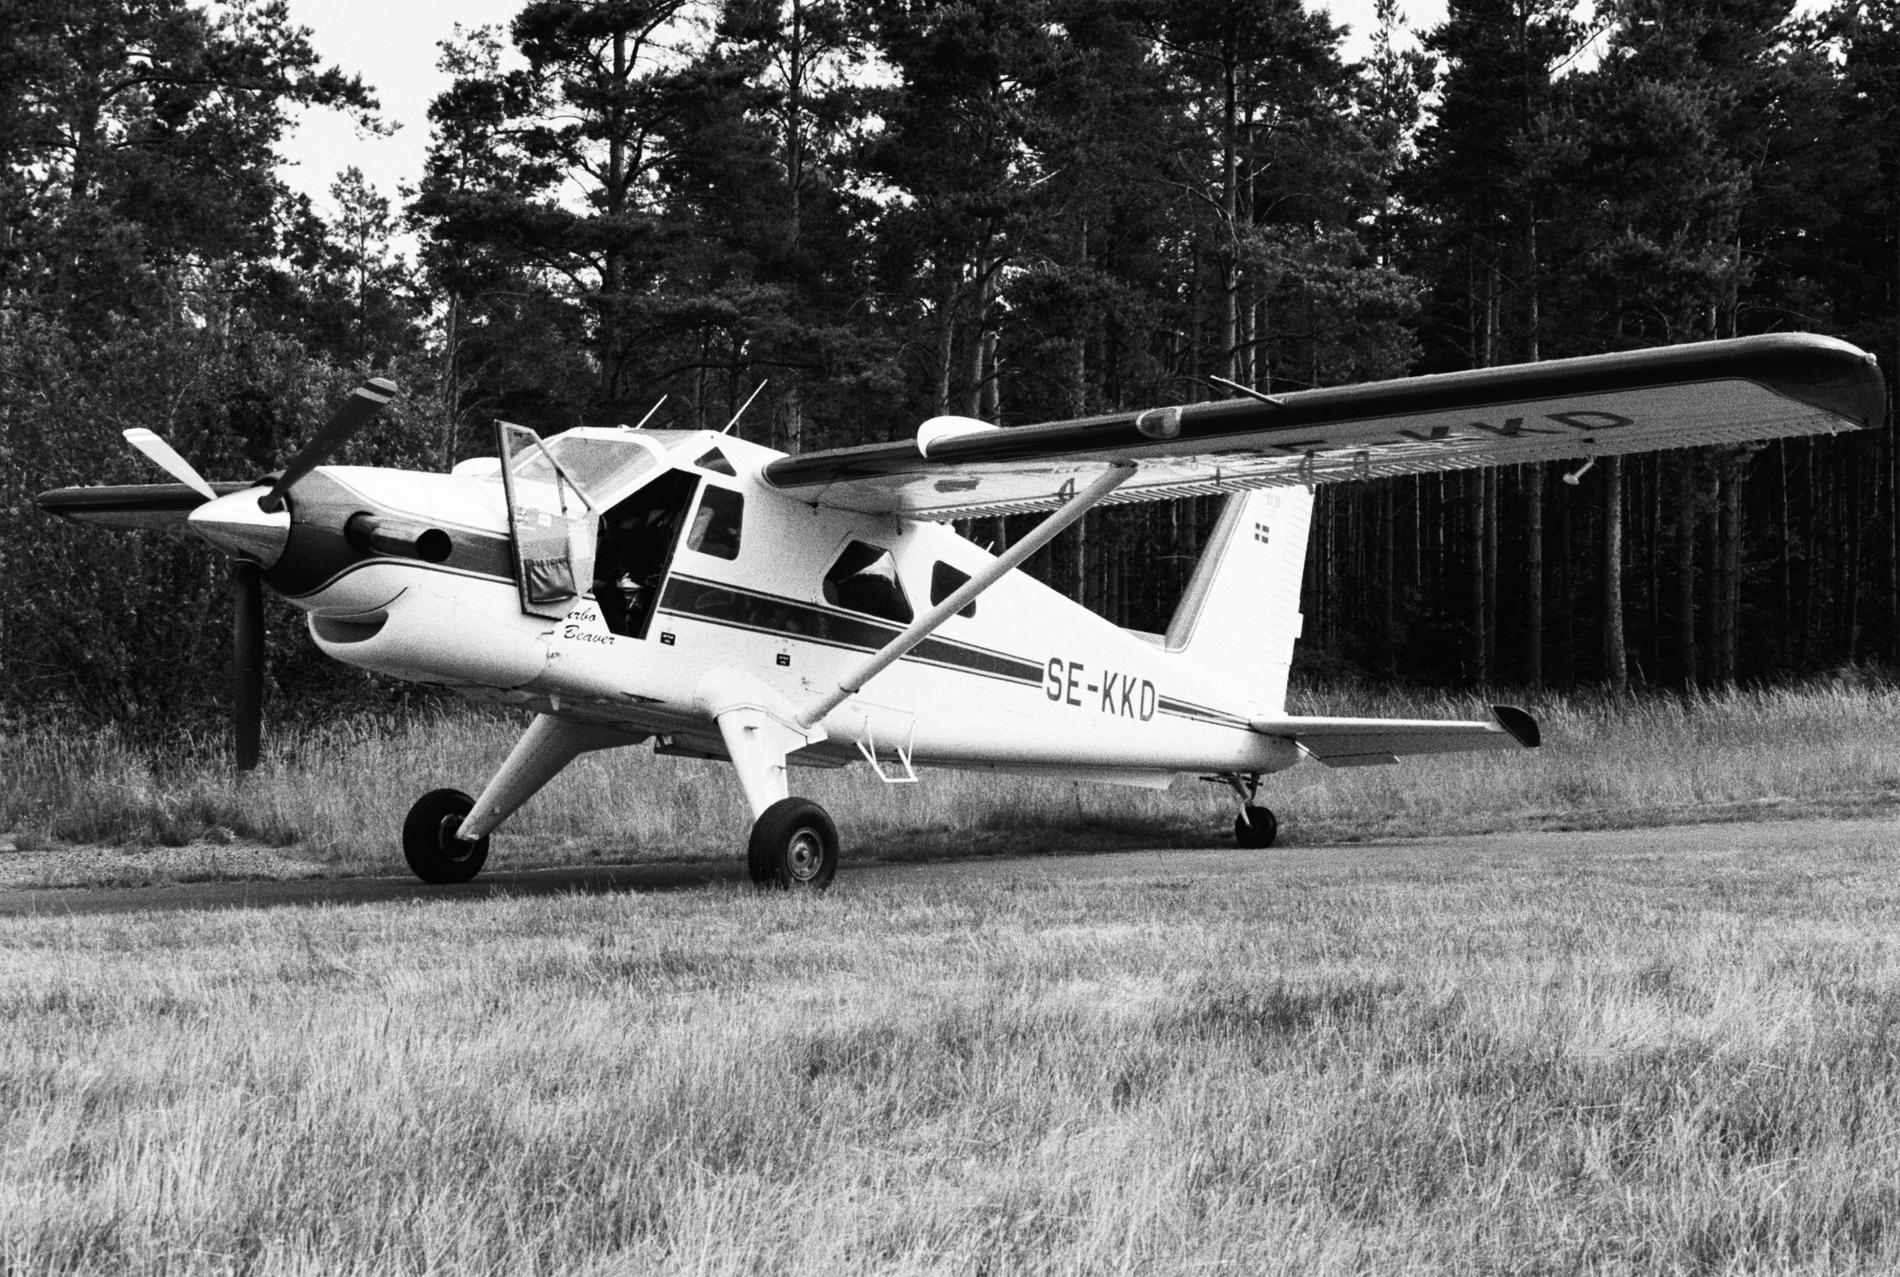 Planet som kraschade är av modellen de Havilland CanadaDHC-2 Beaver och tillverkades 1966